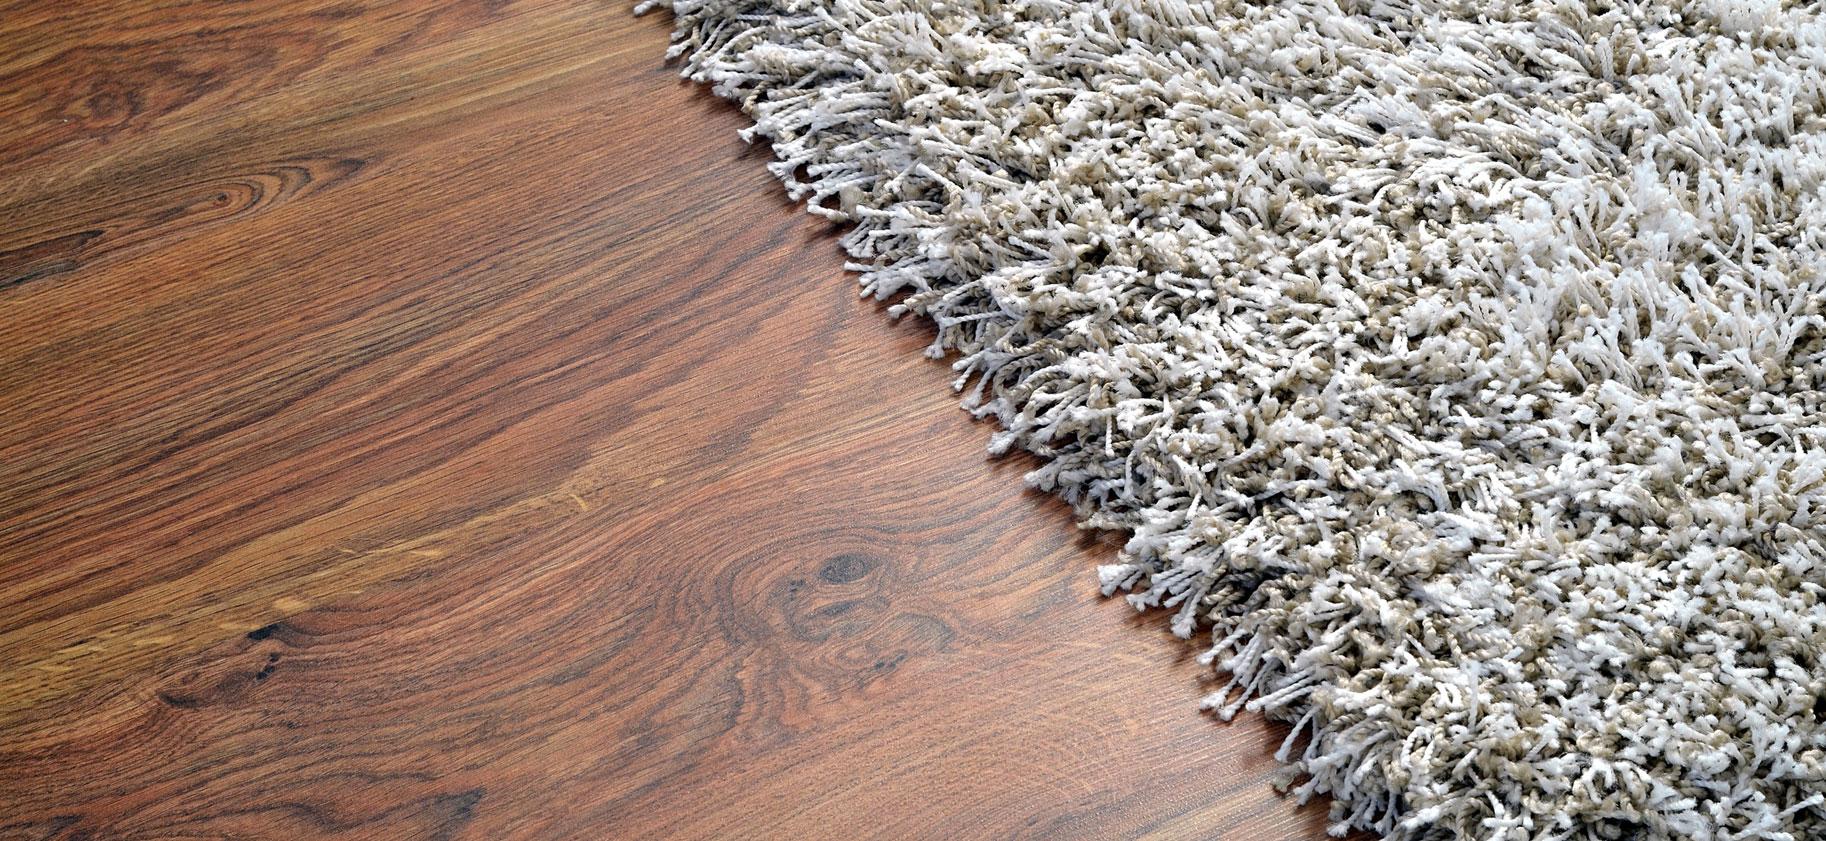 Weicher Teppich auf Boden